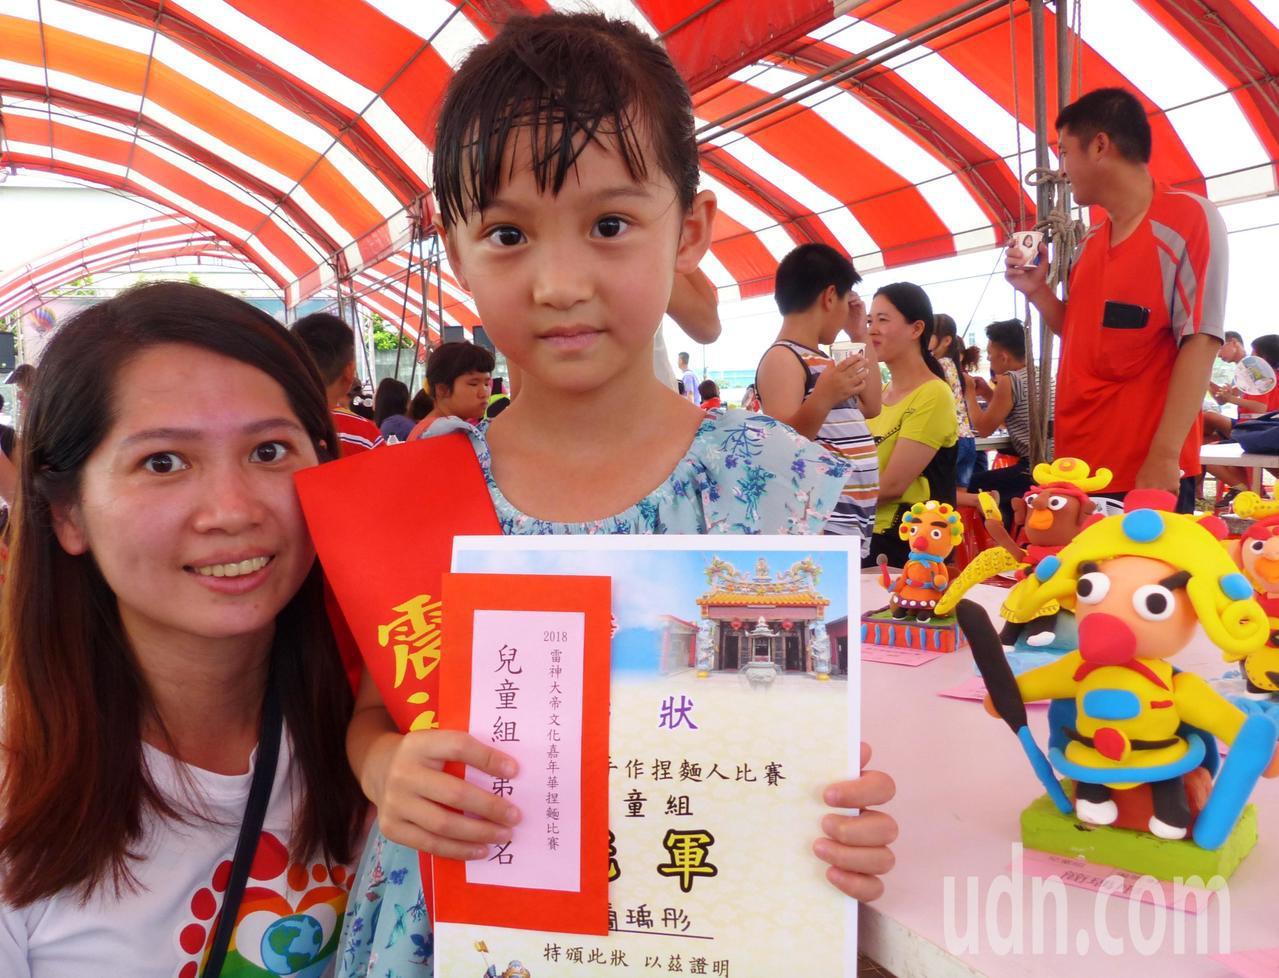 七歲的簡瑀彤捏出的雷神作品光滑、神似度高又可愛,獲得兒童組冠軍。記者凌筠婷/攝影